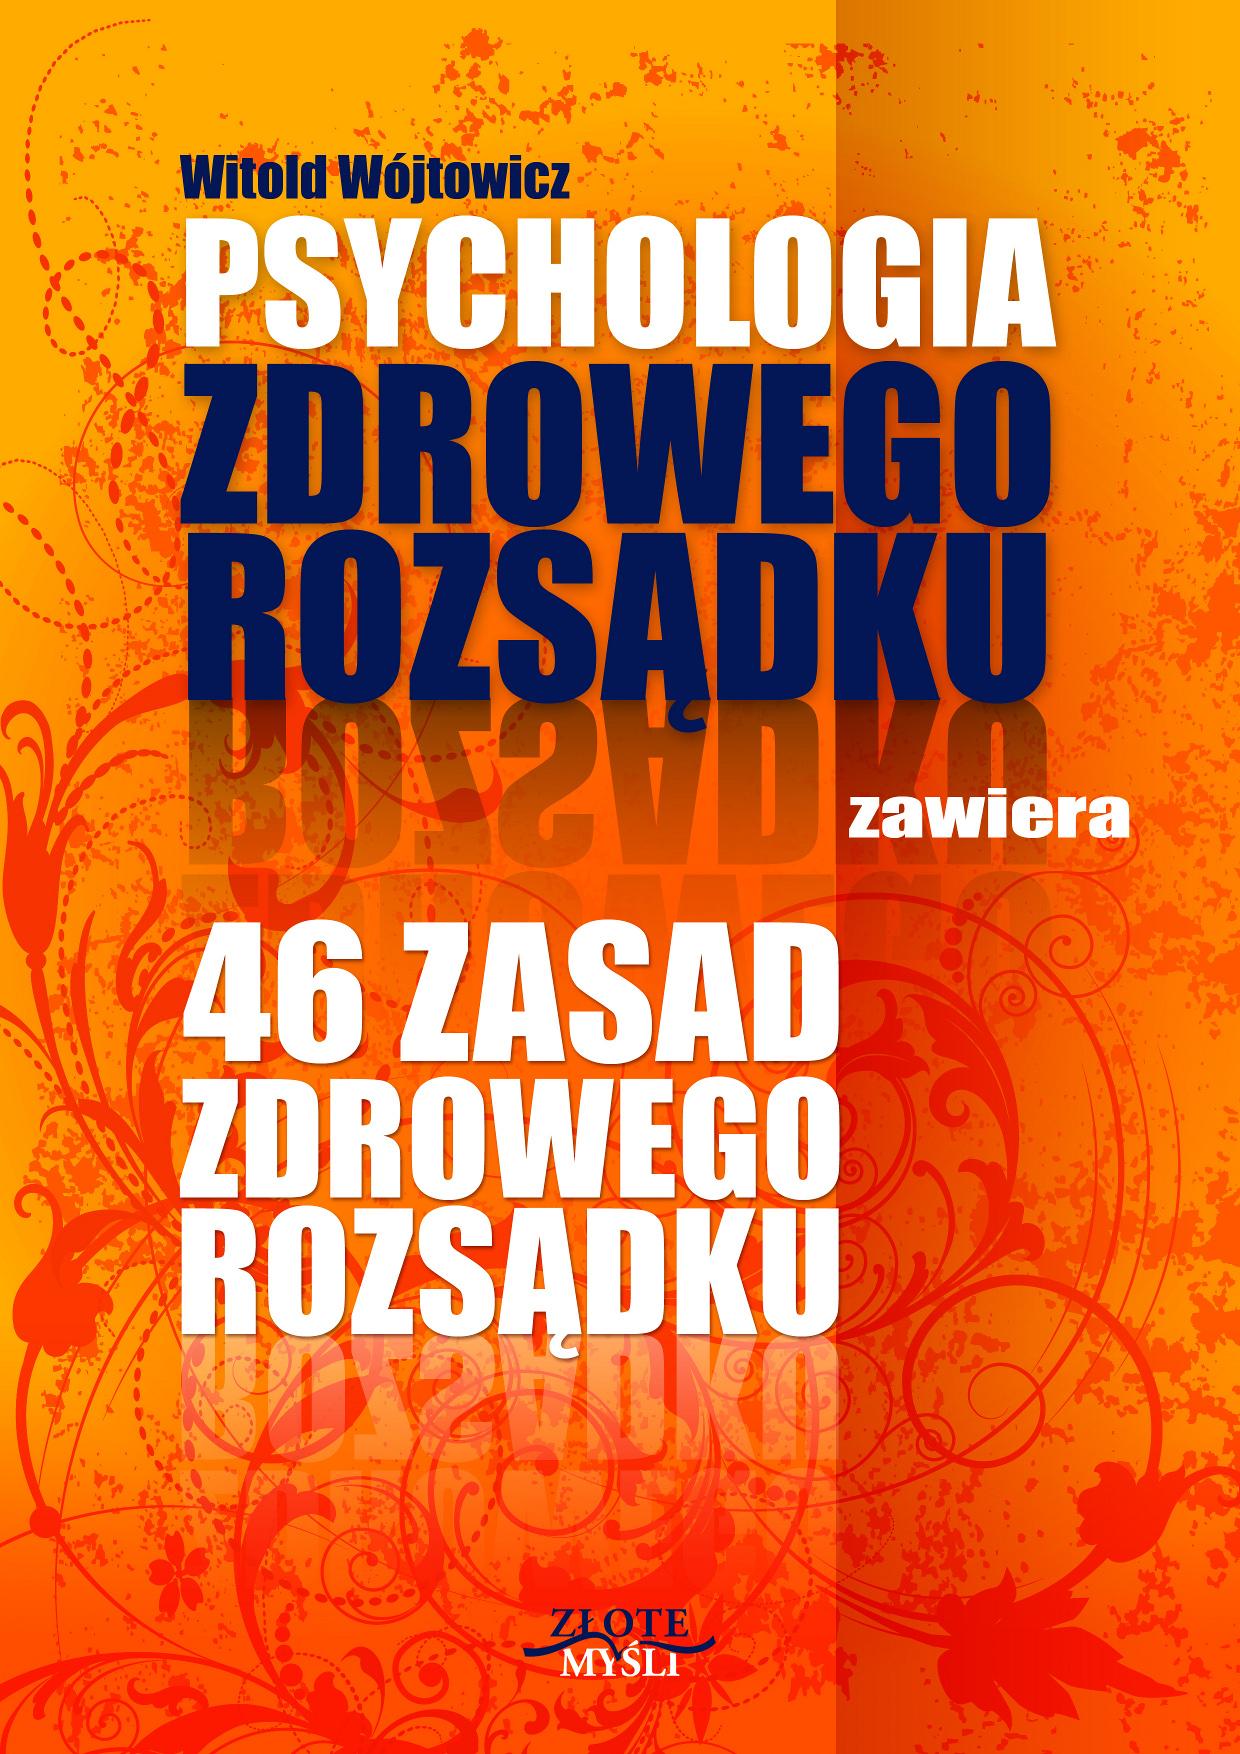 Witold Wójtowicz: Psychologia i 46 zasad zdrowego rozsądku - okładka